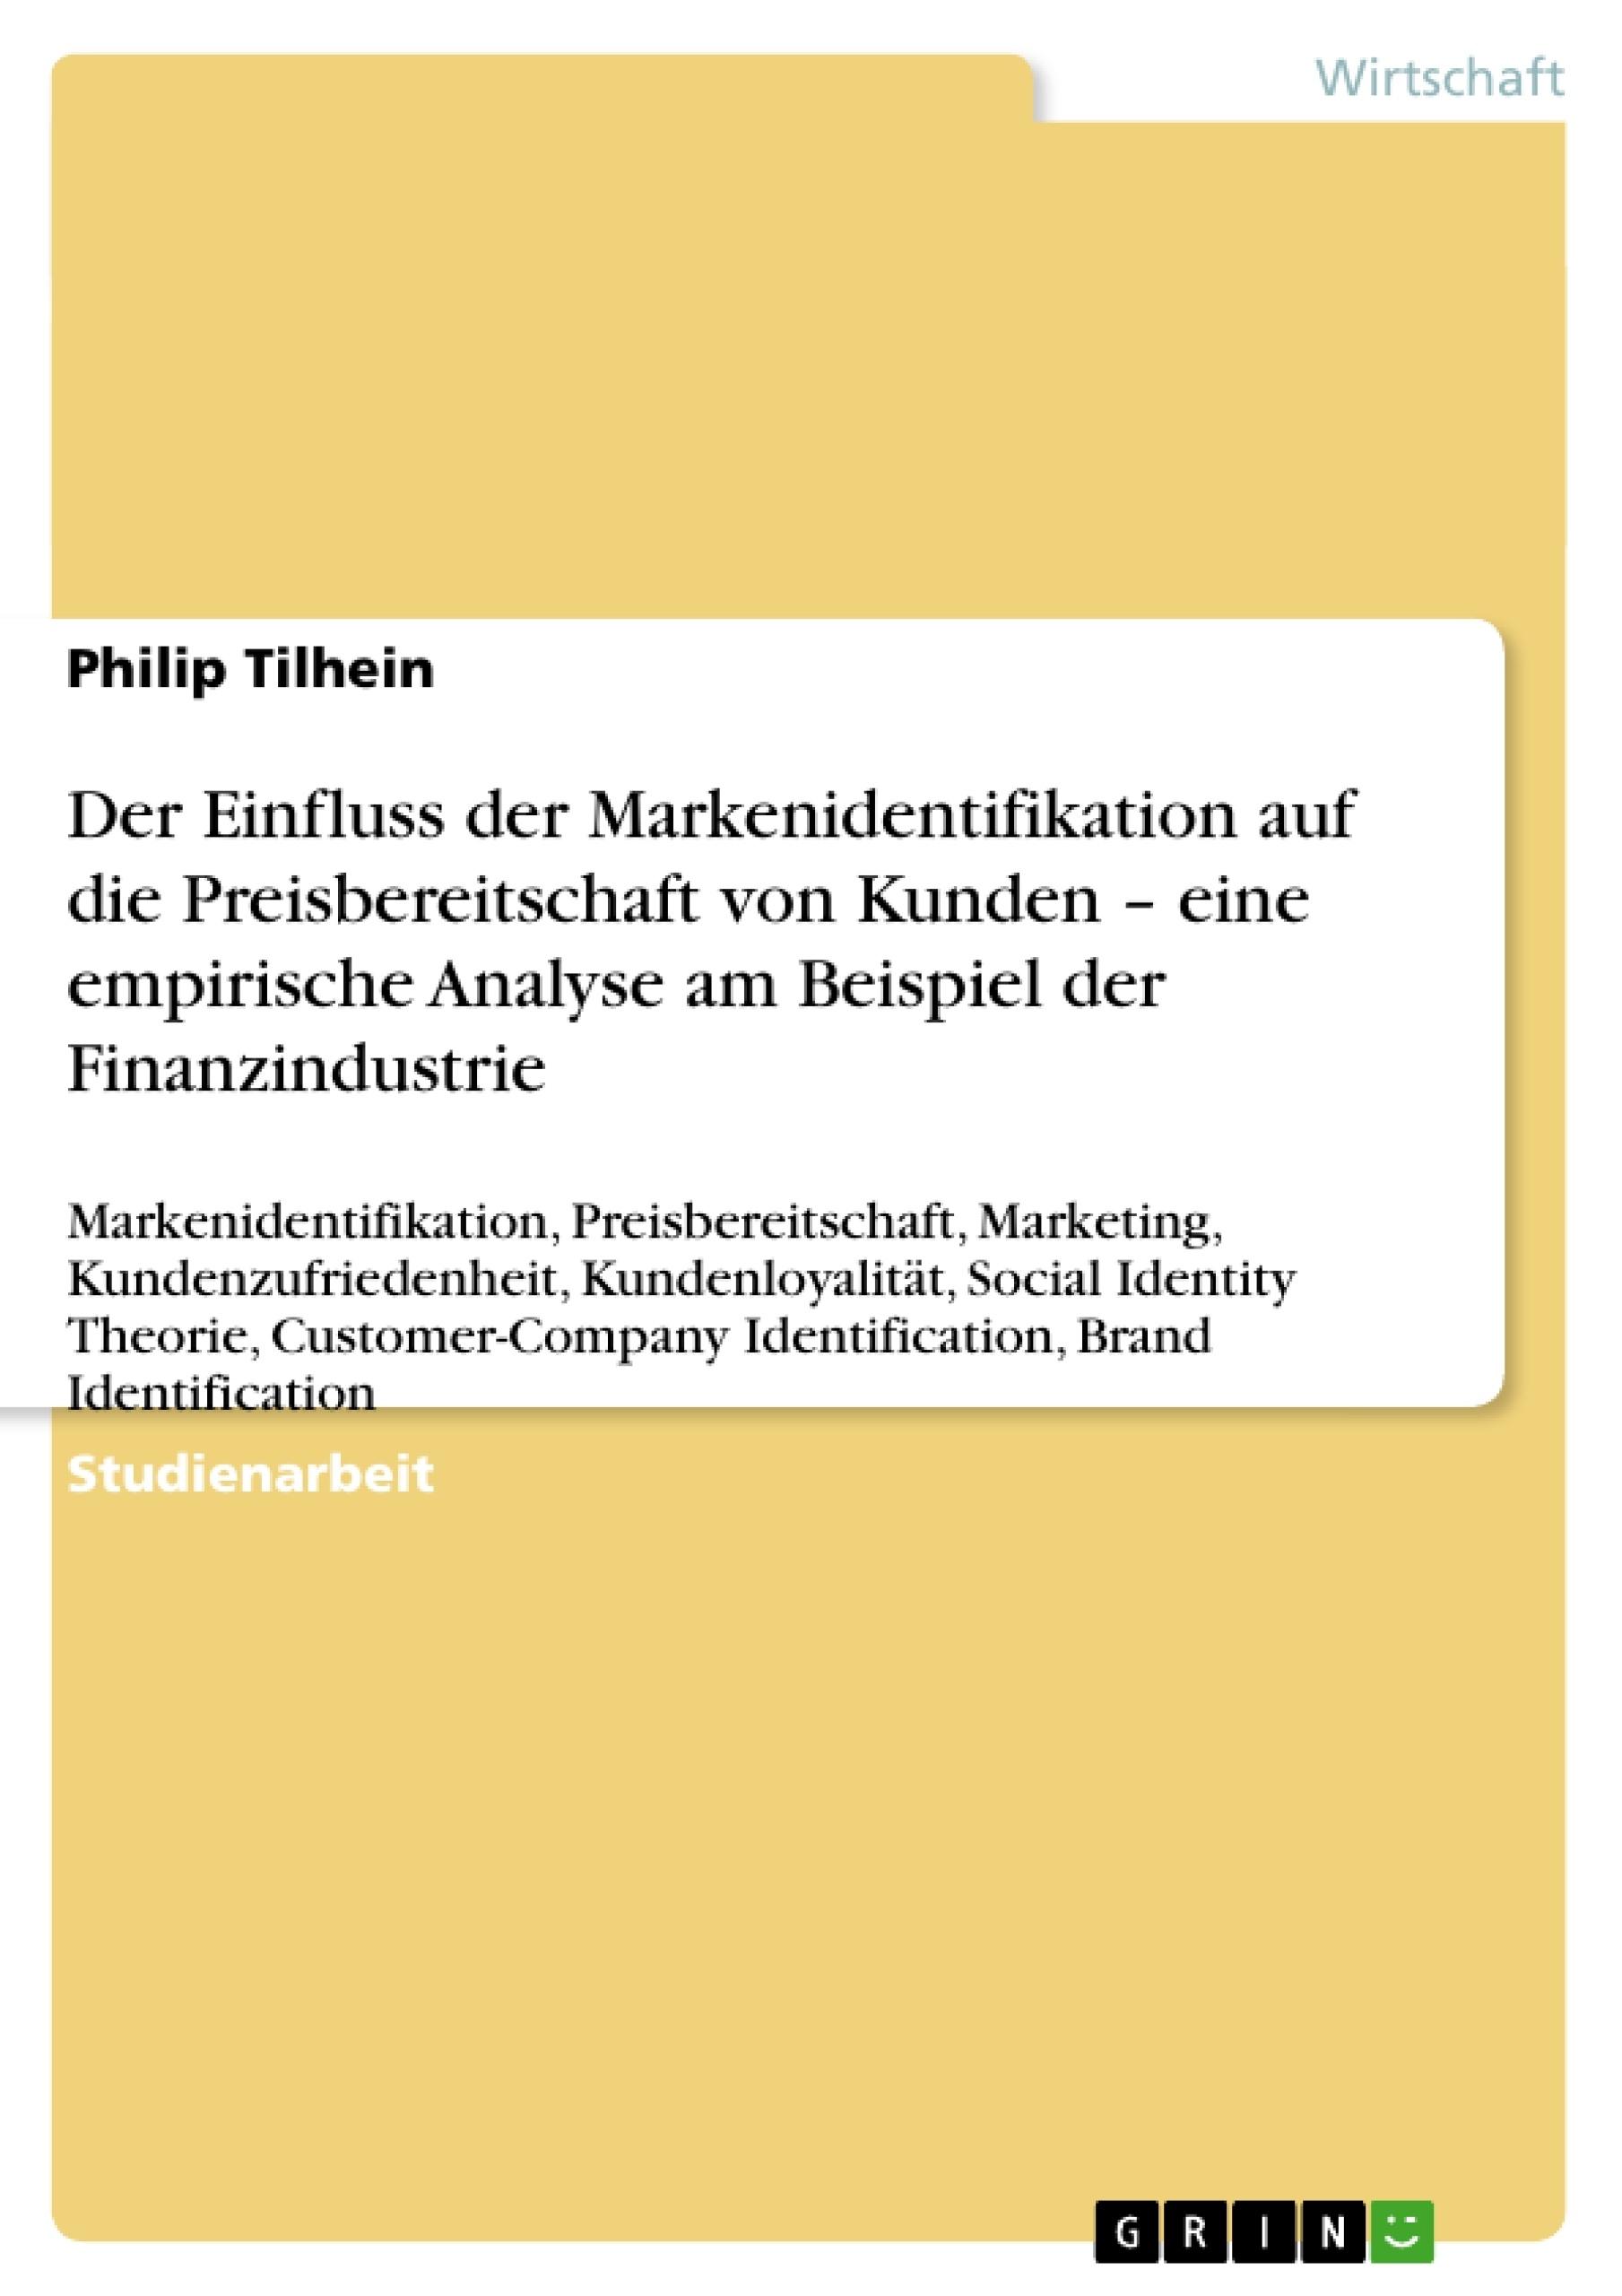 Titel: Der Einfluss der Markenidentifikation auf die Preisbereitschaft von Kunden – eine empirische Analyse am Beispiel der Finanzindustrie